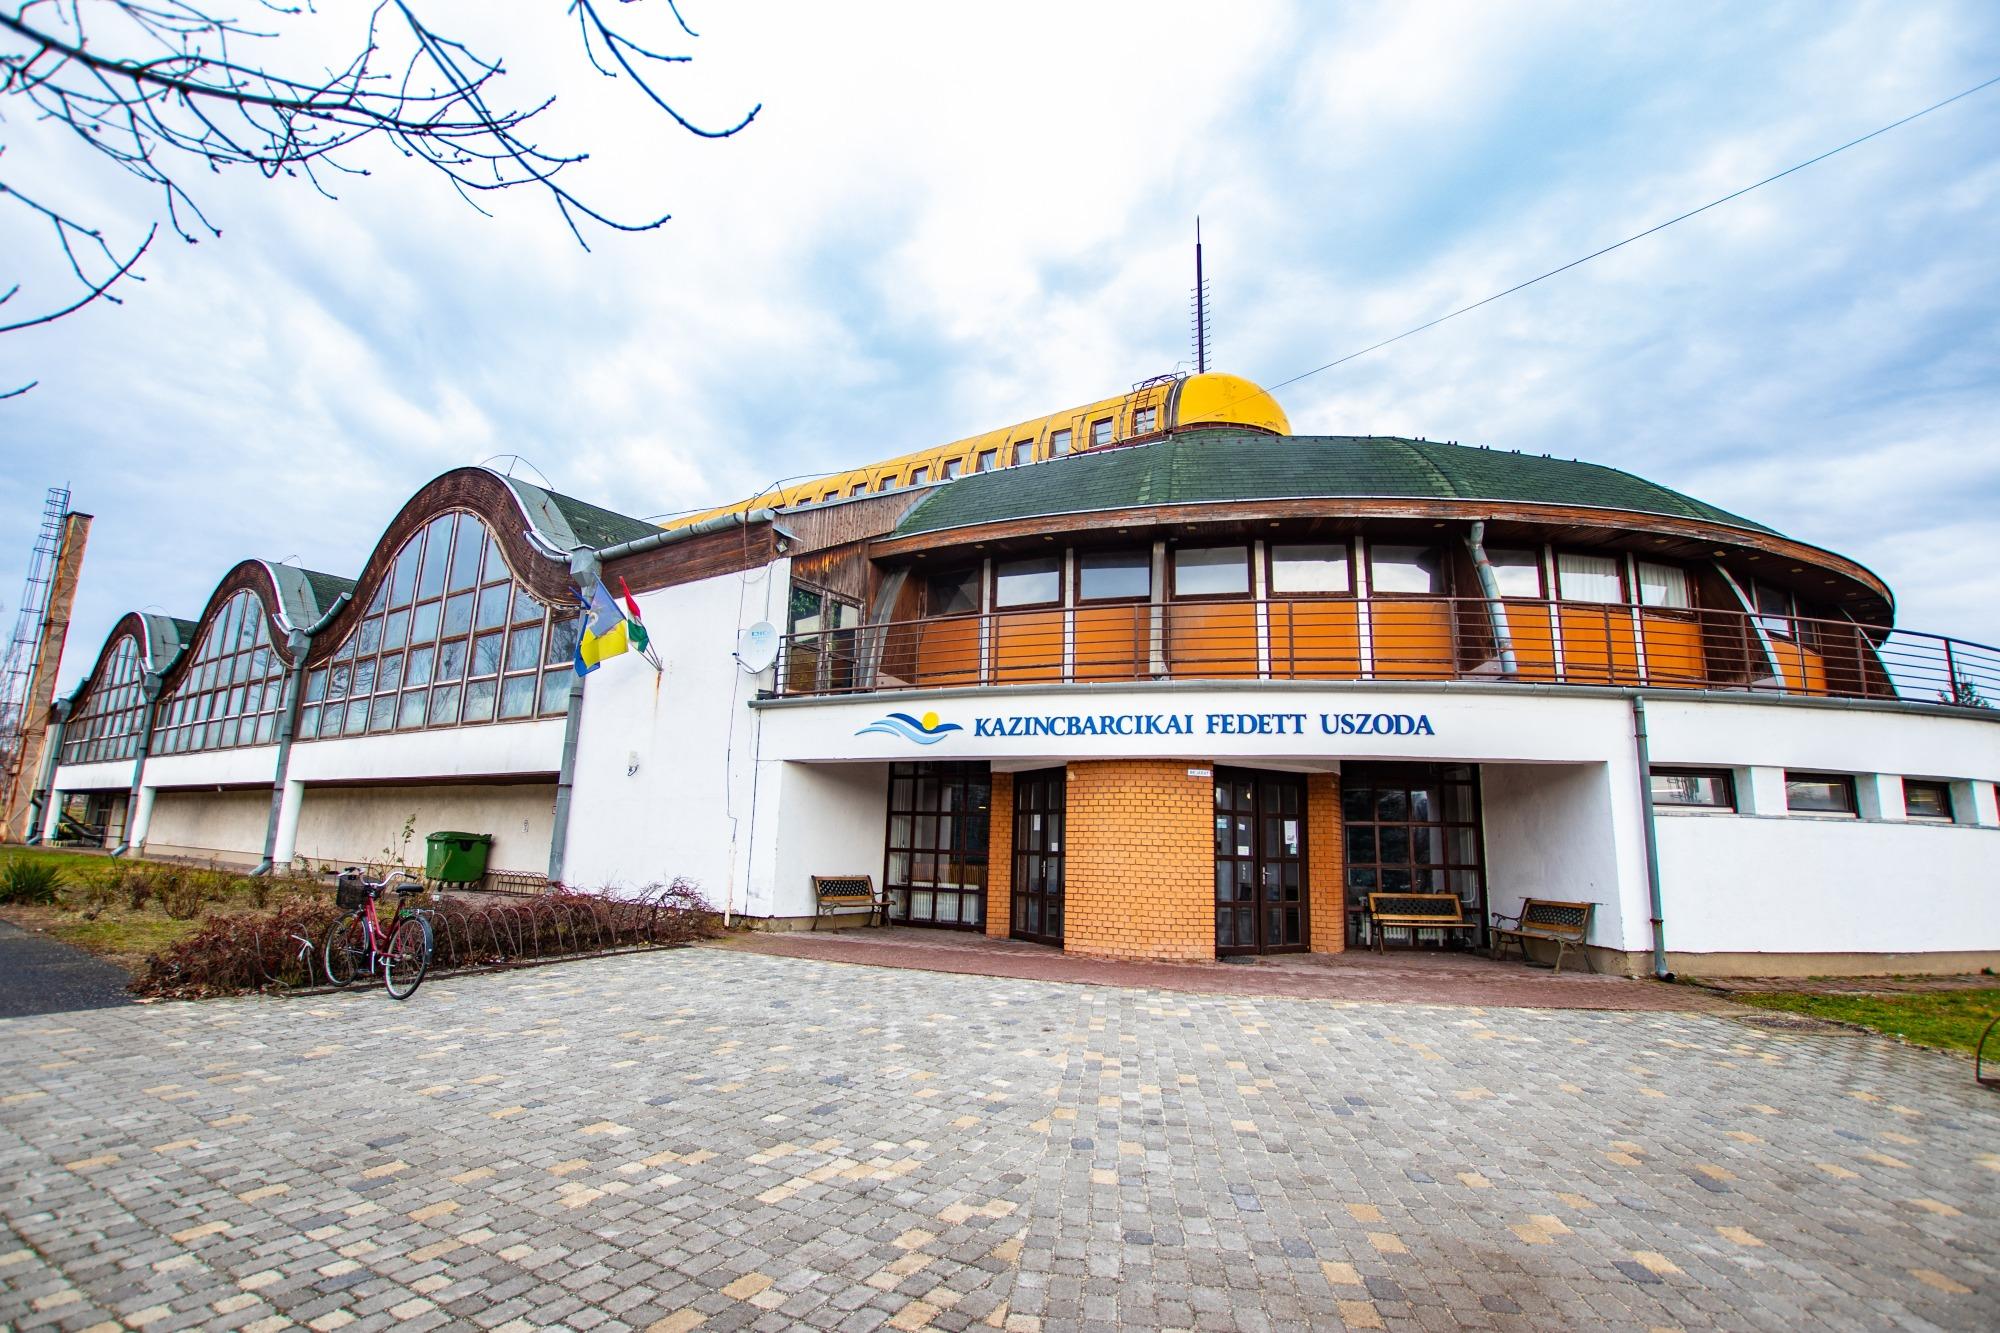 https://kolorline.hu/A Kazincbarcikai Fedett Uszoda karbantartás miatt, a tervek szerint május 25-én nyílik meg a nagyközönség előtt